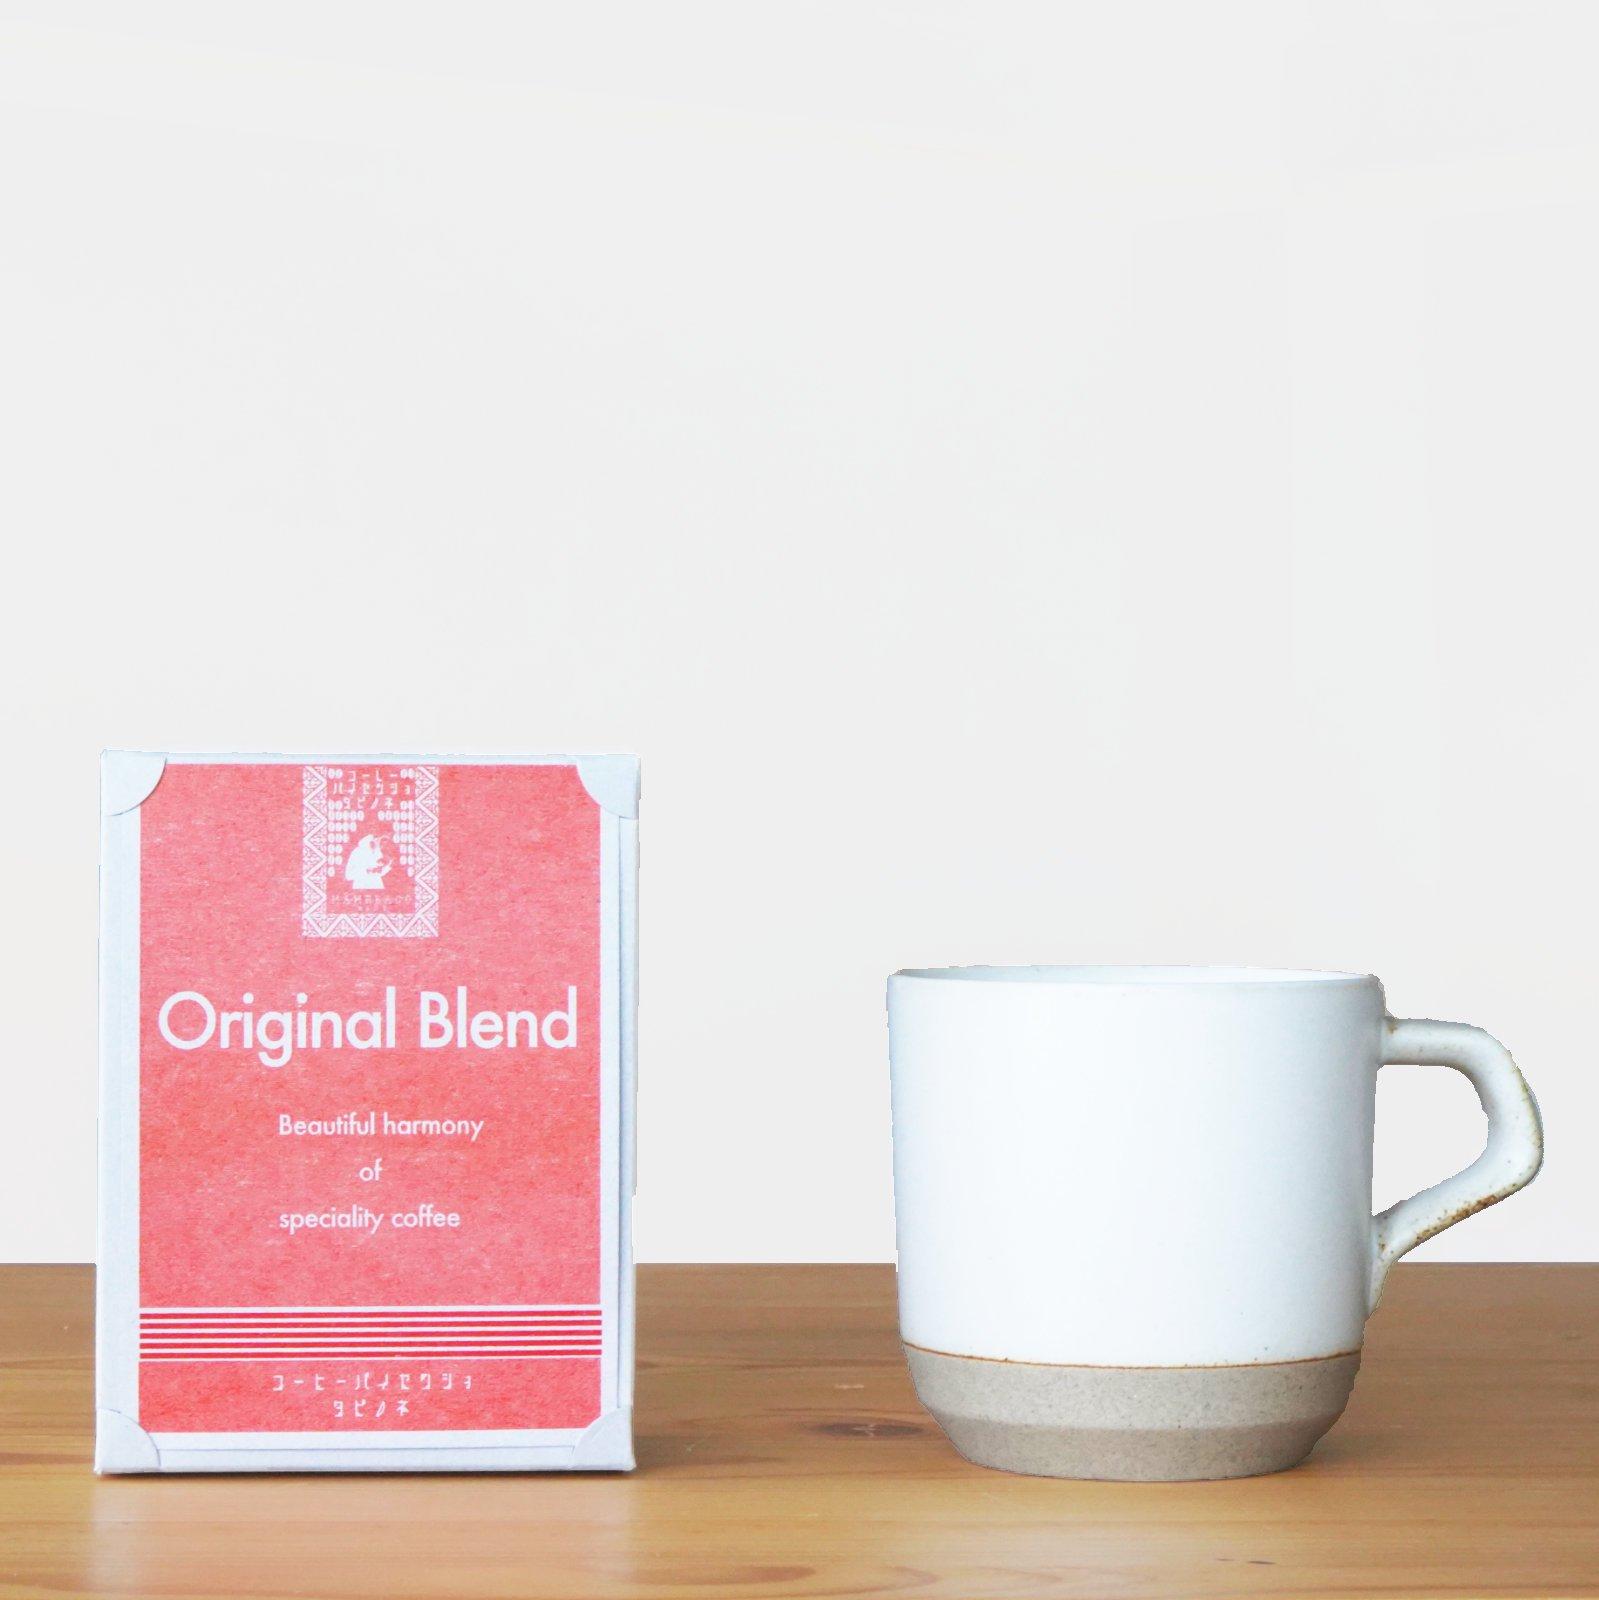 秋の新作<br>「ブレンド蜜焦がれとマグカップのセット」